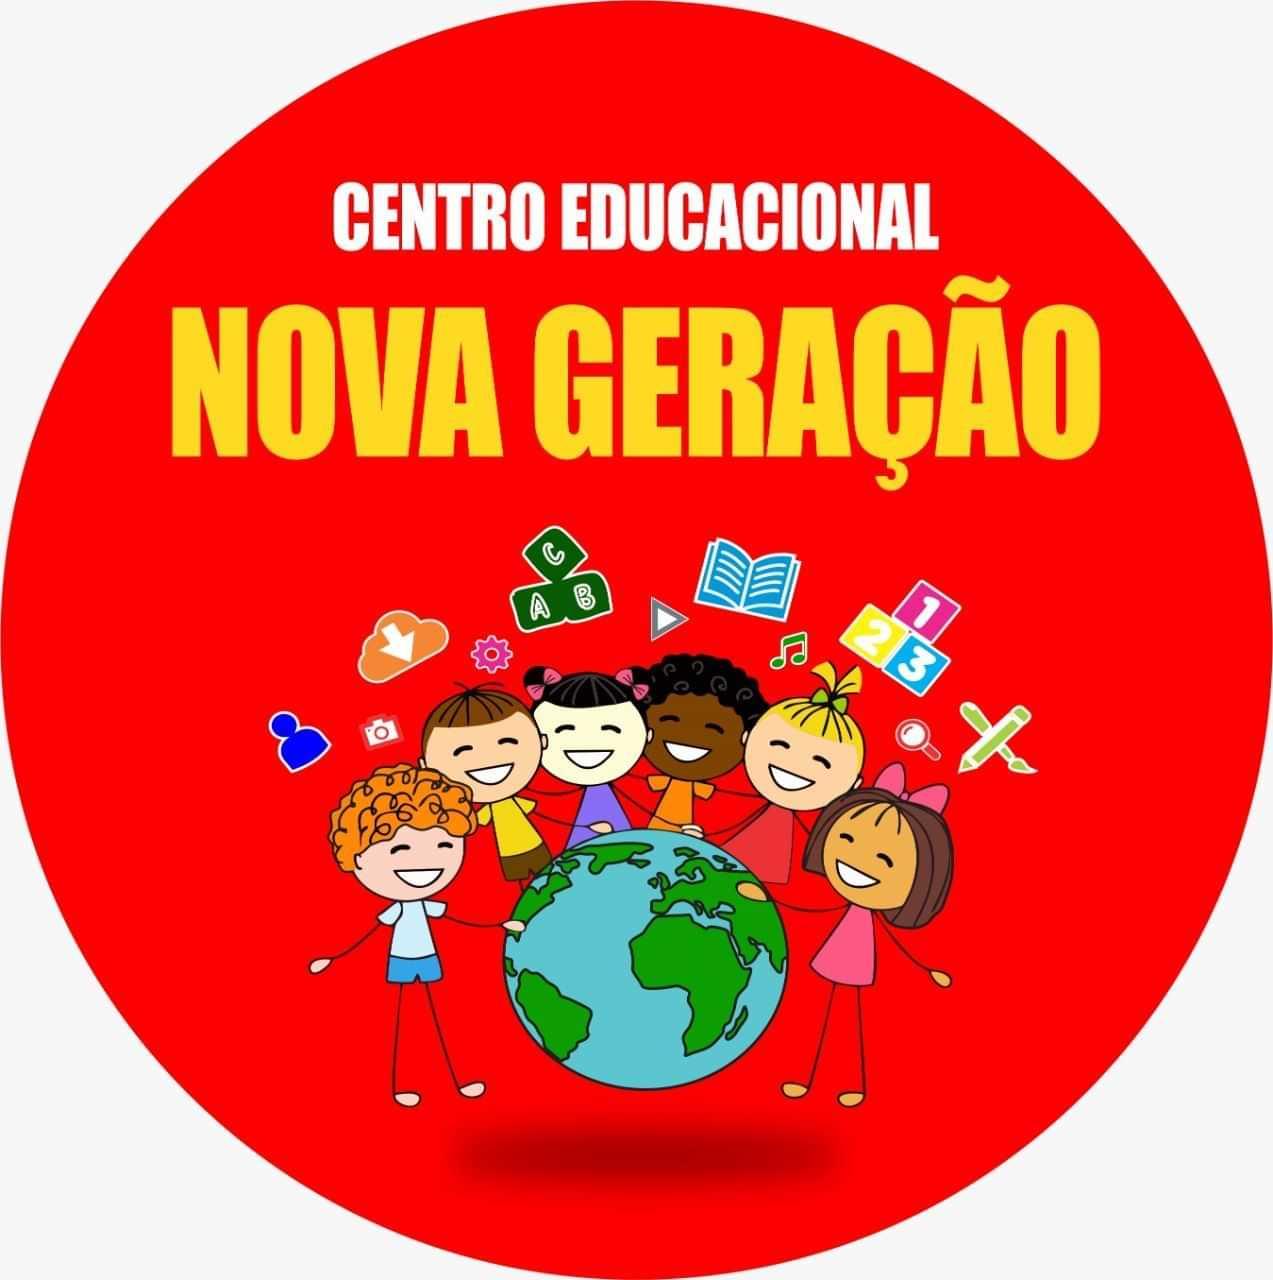 Centro Educacional Nova Geração